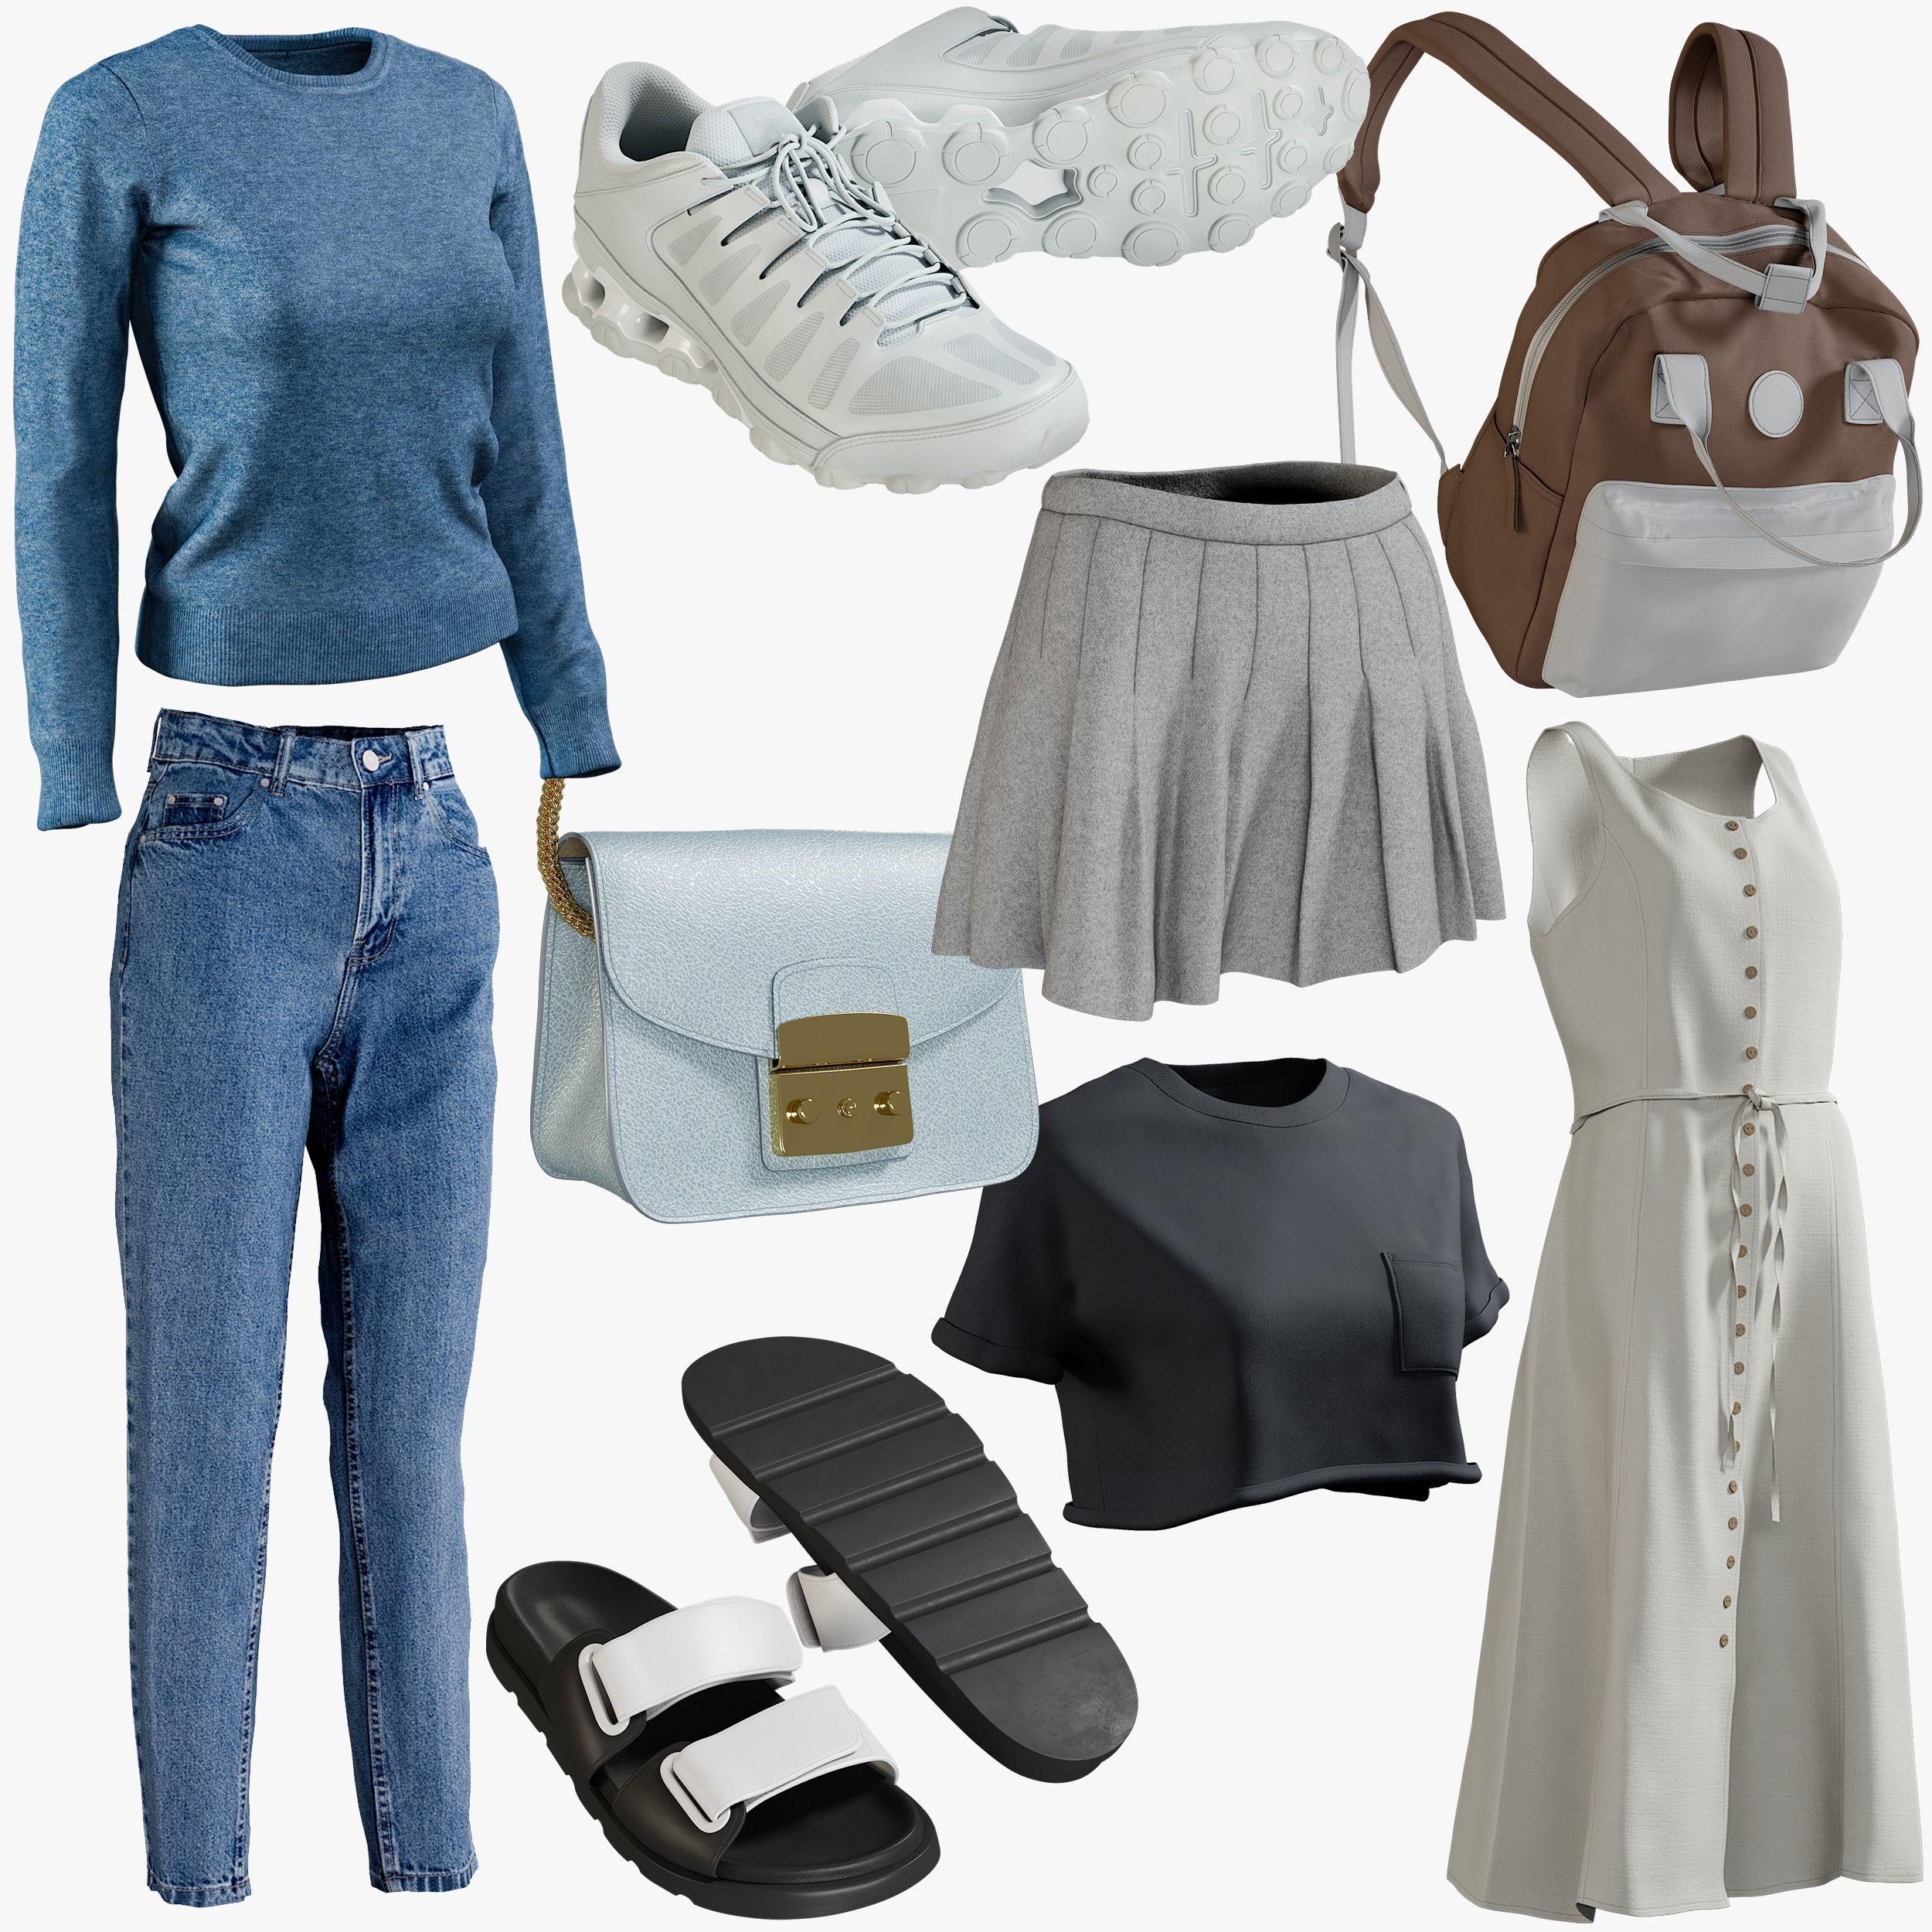 Clothing Mix 14